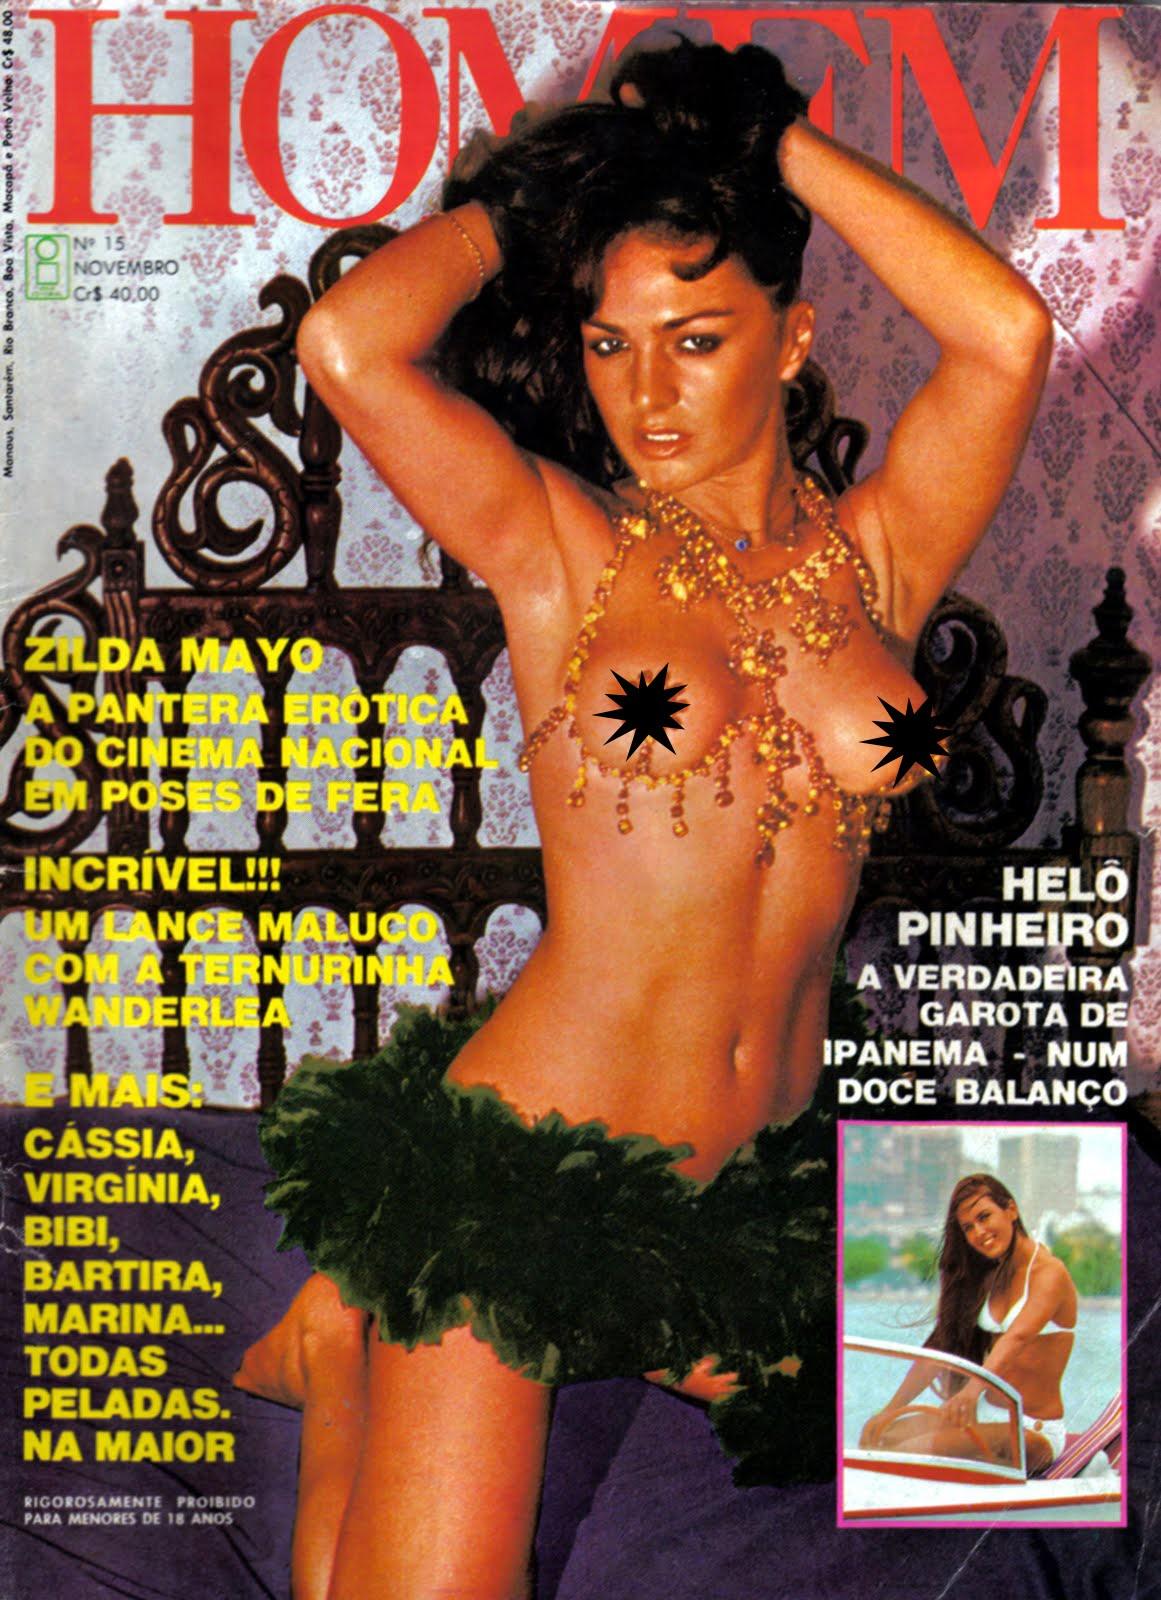 A gaúcha, além de atriz, é bailarina. Entre seus filmes de maior sucesso estão 'A Ilha dos Desejos' (1975), de Jean Garret e 'Coisas Eróticas' (1982), de Raffaele Rossi e L. Callachio, este último com quase 5 milhões de espectadores nas salas de cinema. Foi capa da Playboy de 1983.  (Foto: Reprodução)